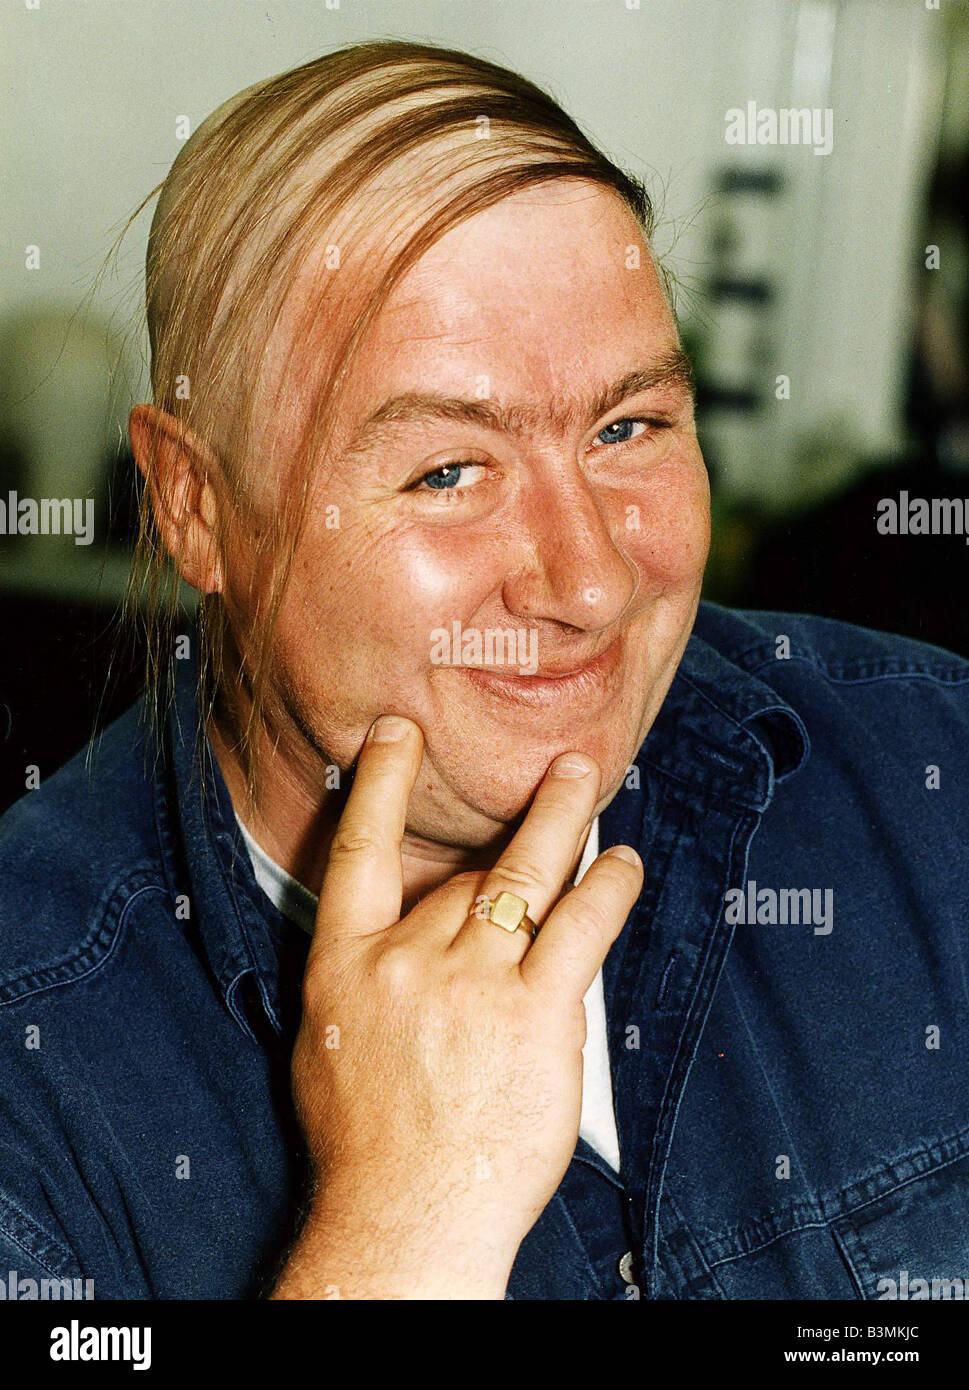 Прически лысеющих мужчин фото